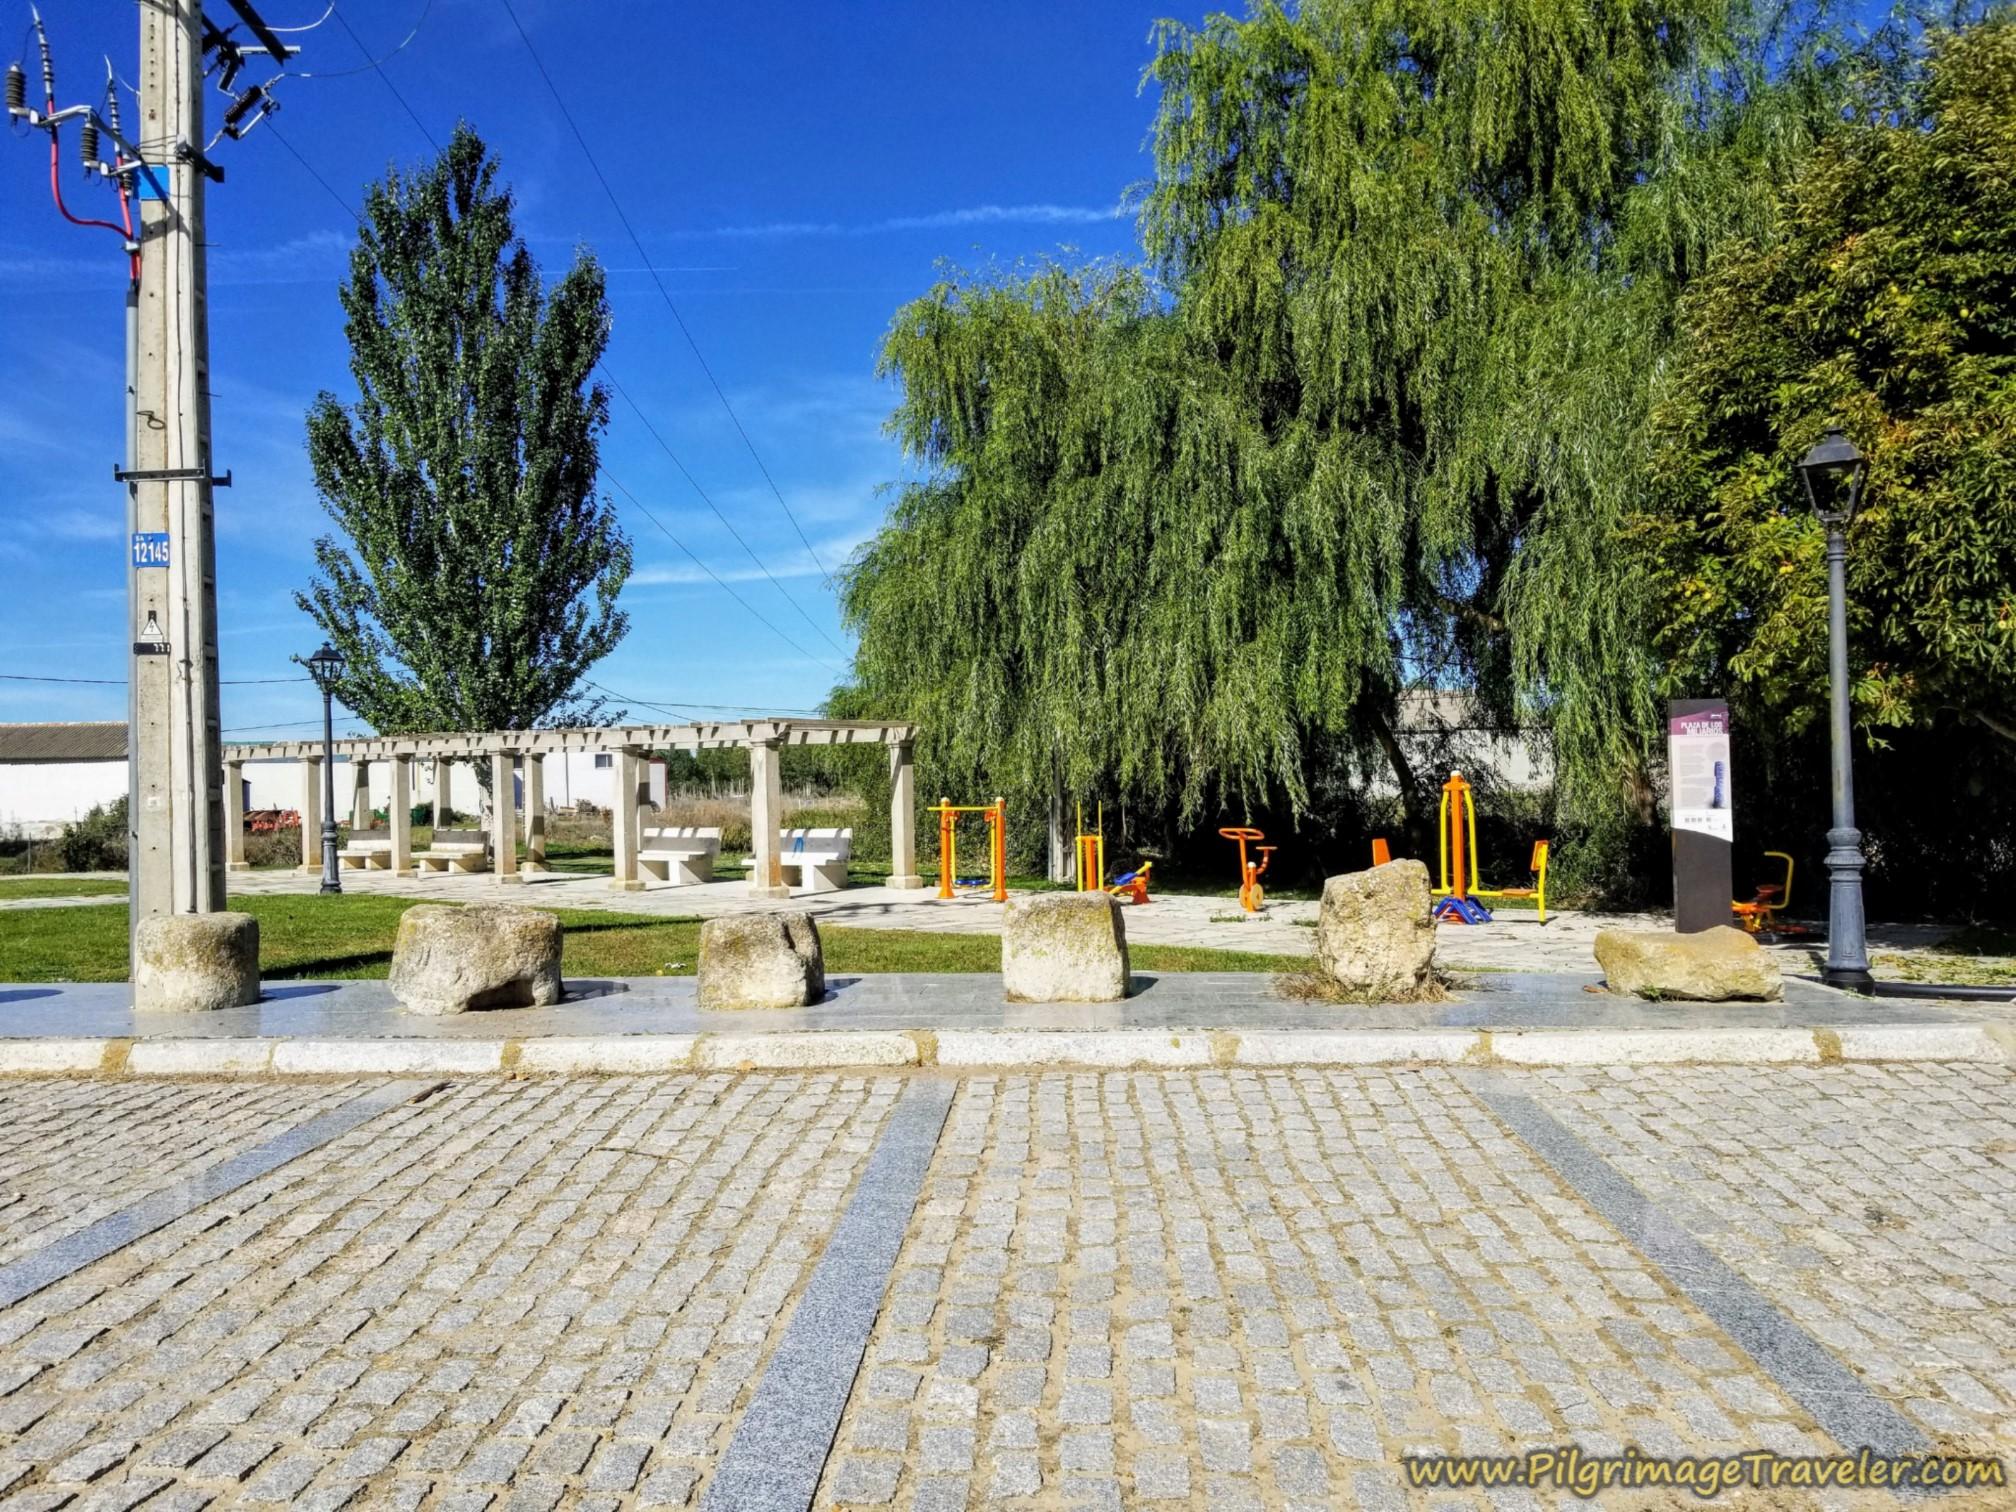 Plaza de los Miliarios